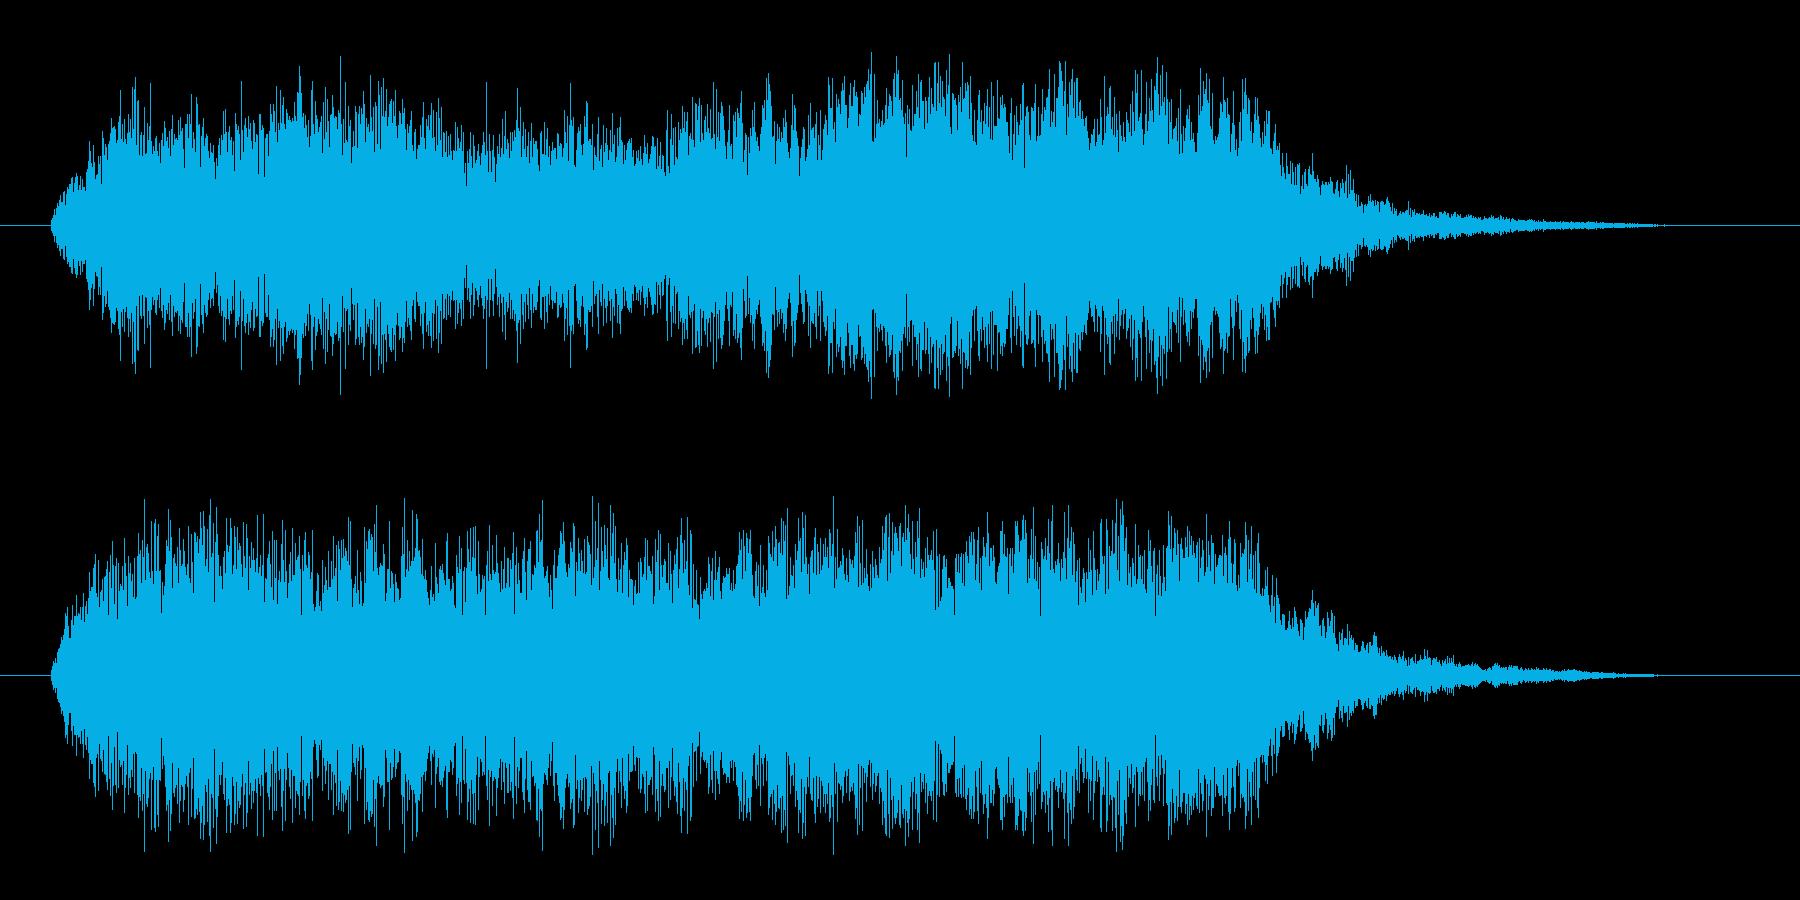 ファンタジーな合唱とストリングス 壮麗にの再生済みの波形